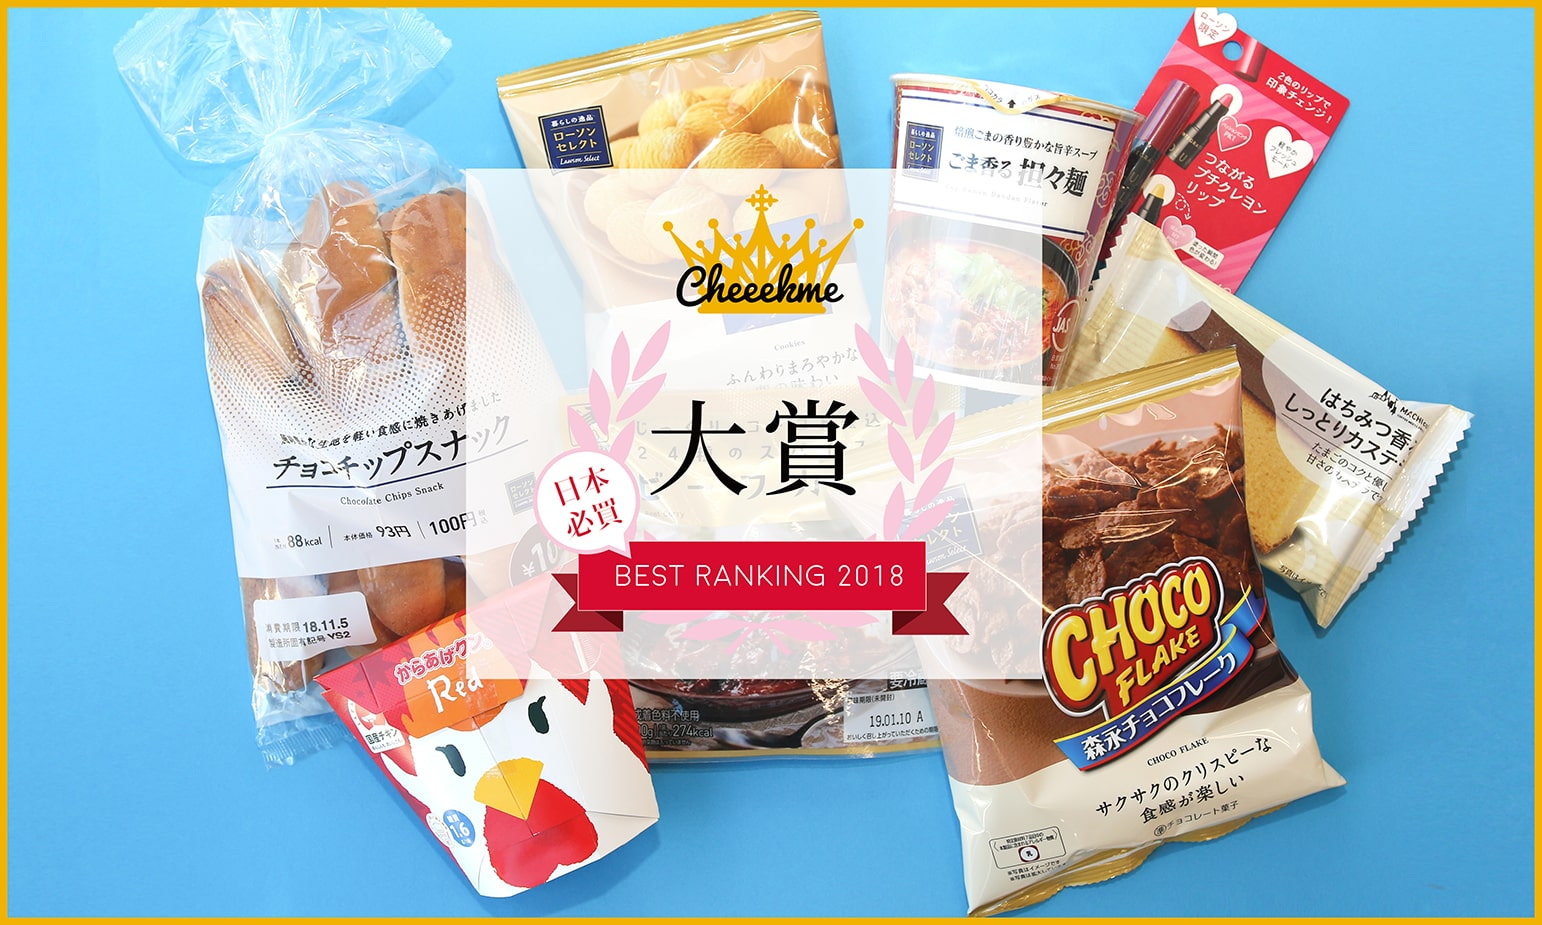 日本lawson必買限定商品推薦【含GODIVA甜點、INTEGRATE化妝品等】